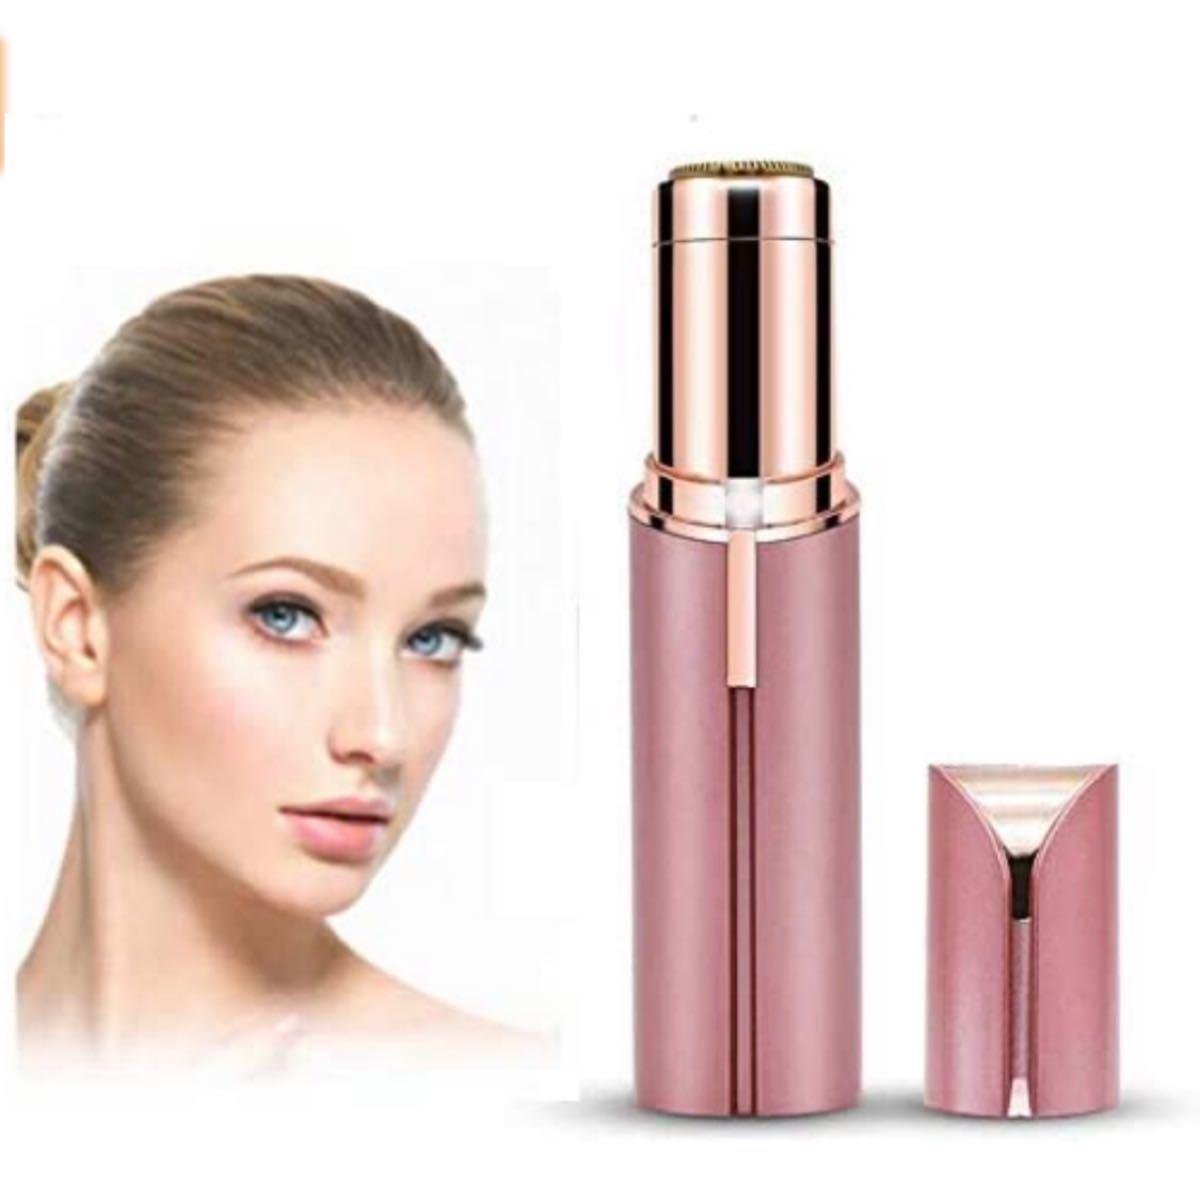 新品レディースシェーバー 女性用シェーバー USB充電式 脱毛器 女性 顔剃り 回転式 全身用 LEDライト付き 携帯便利 多機能